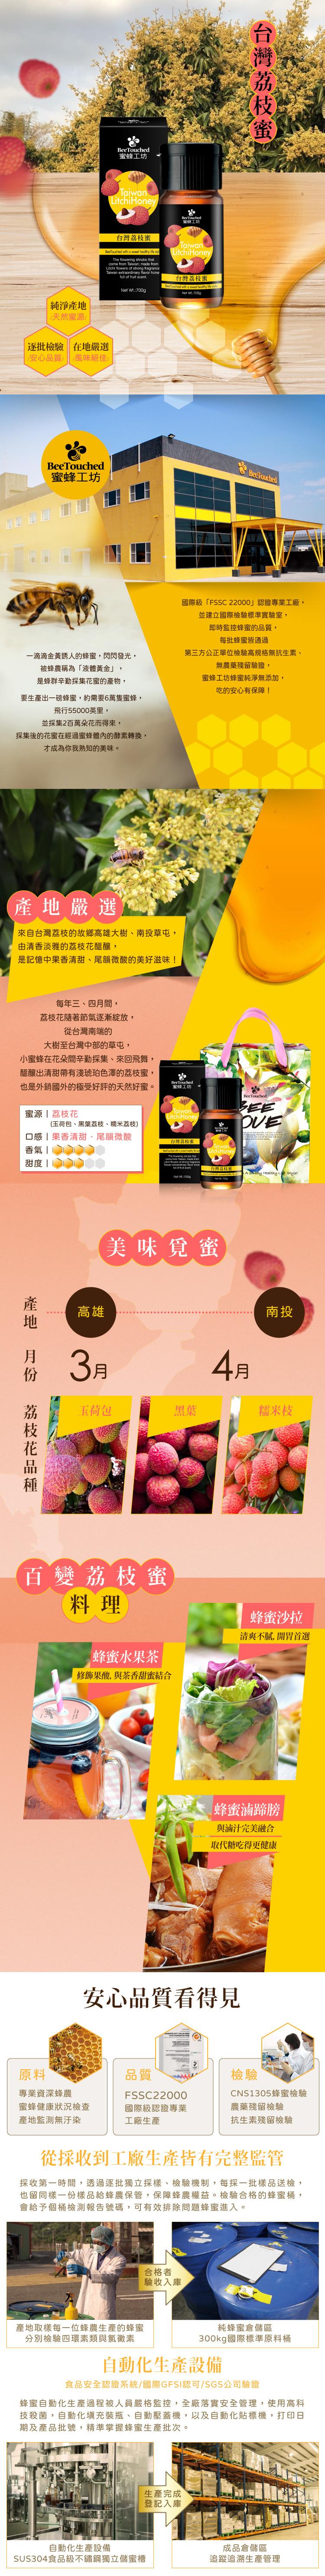 蜜蜂工坊-台灣荔枝蜜